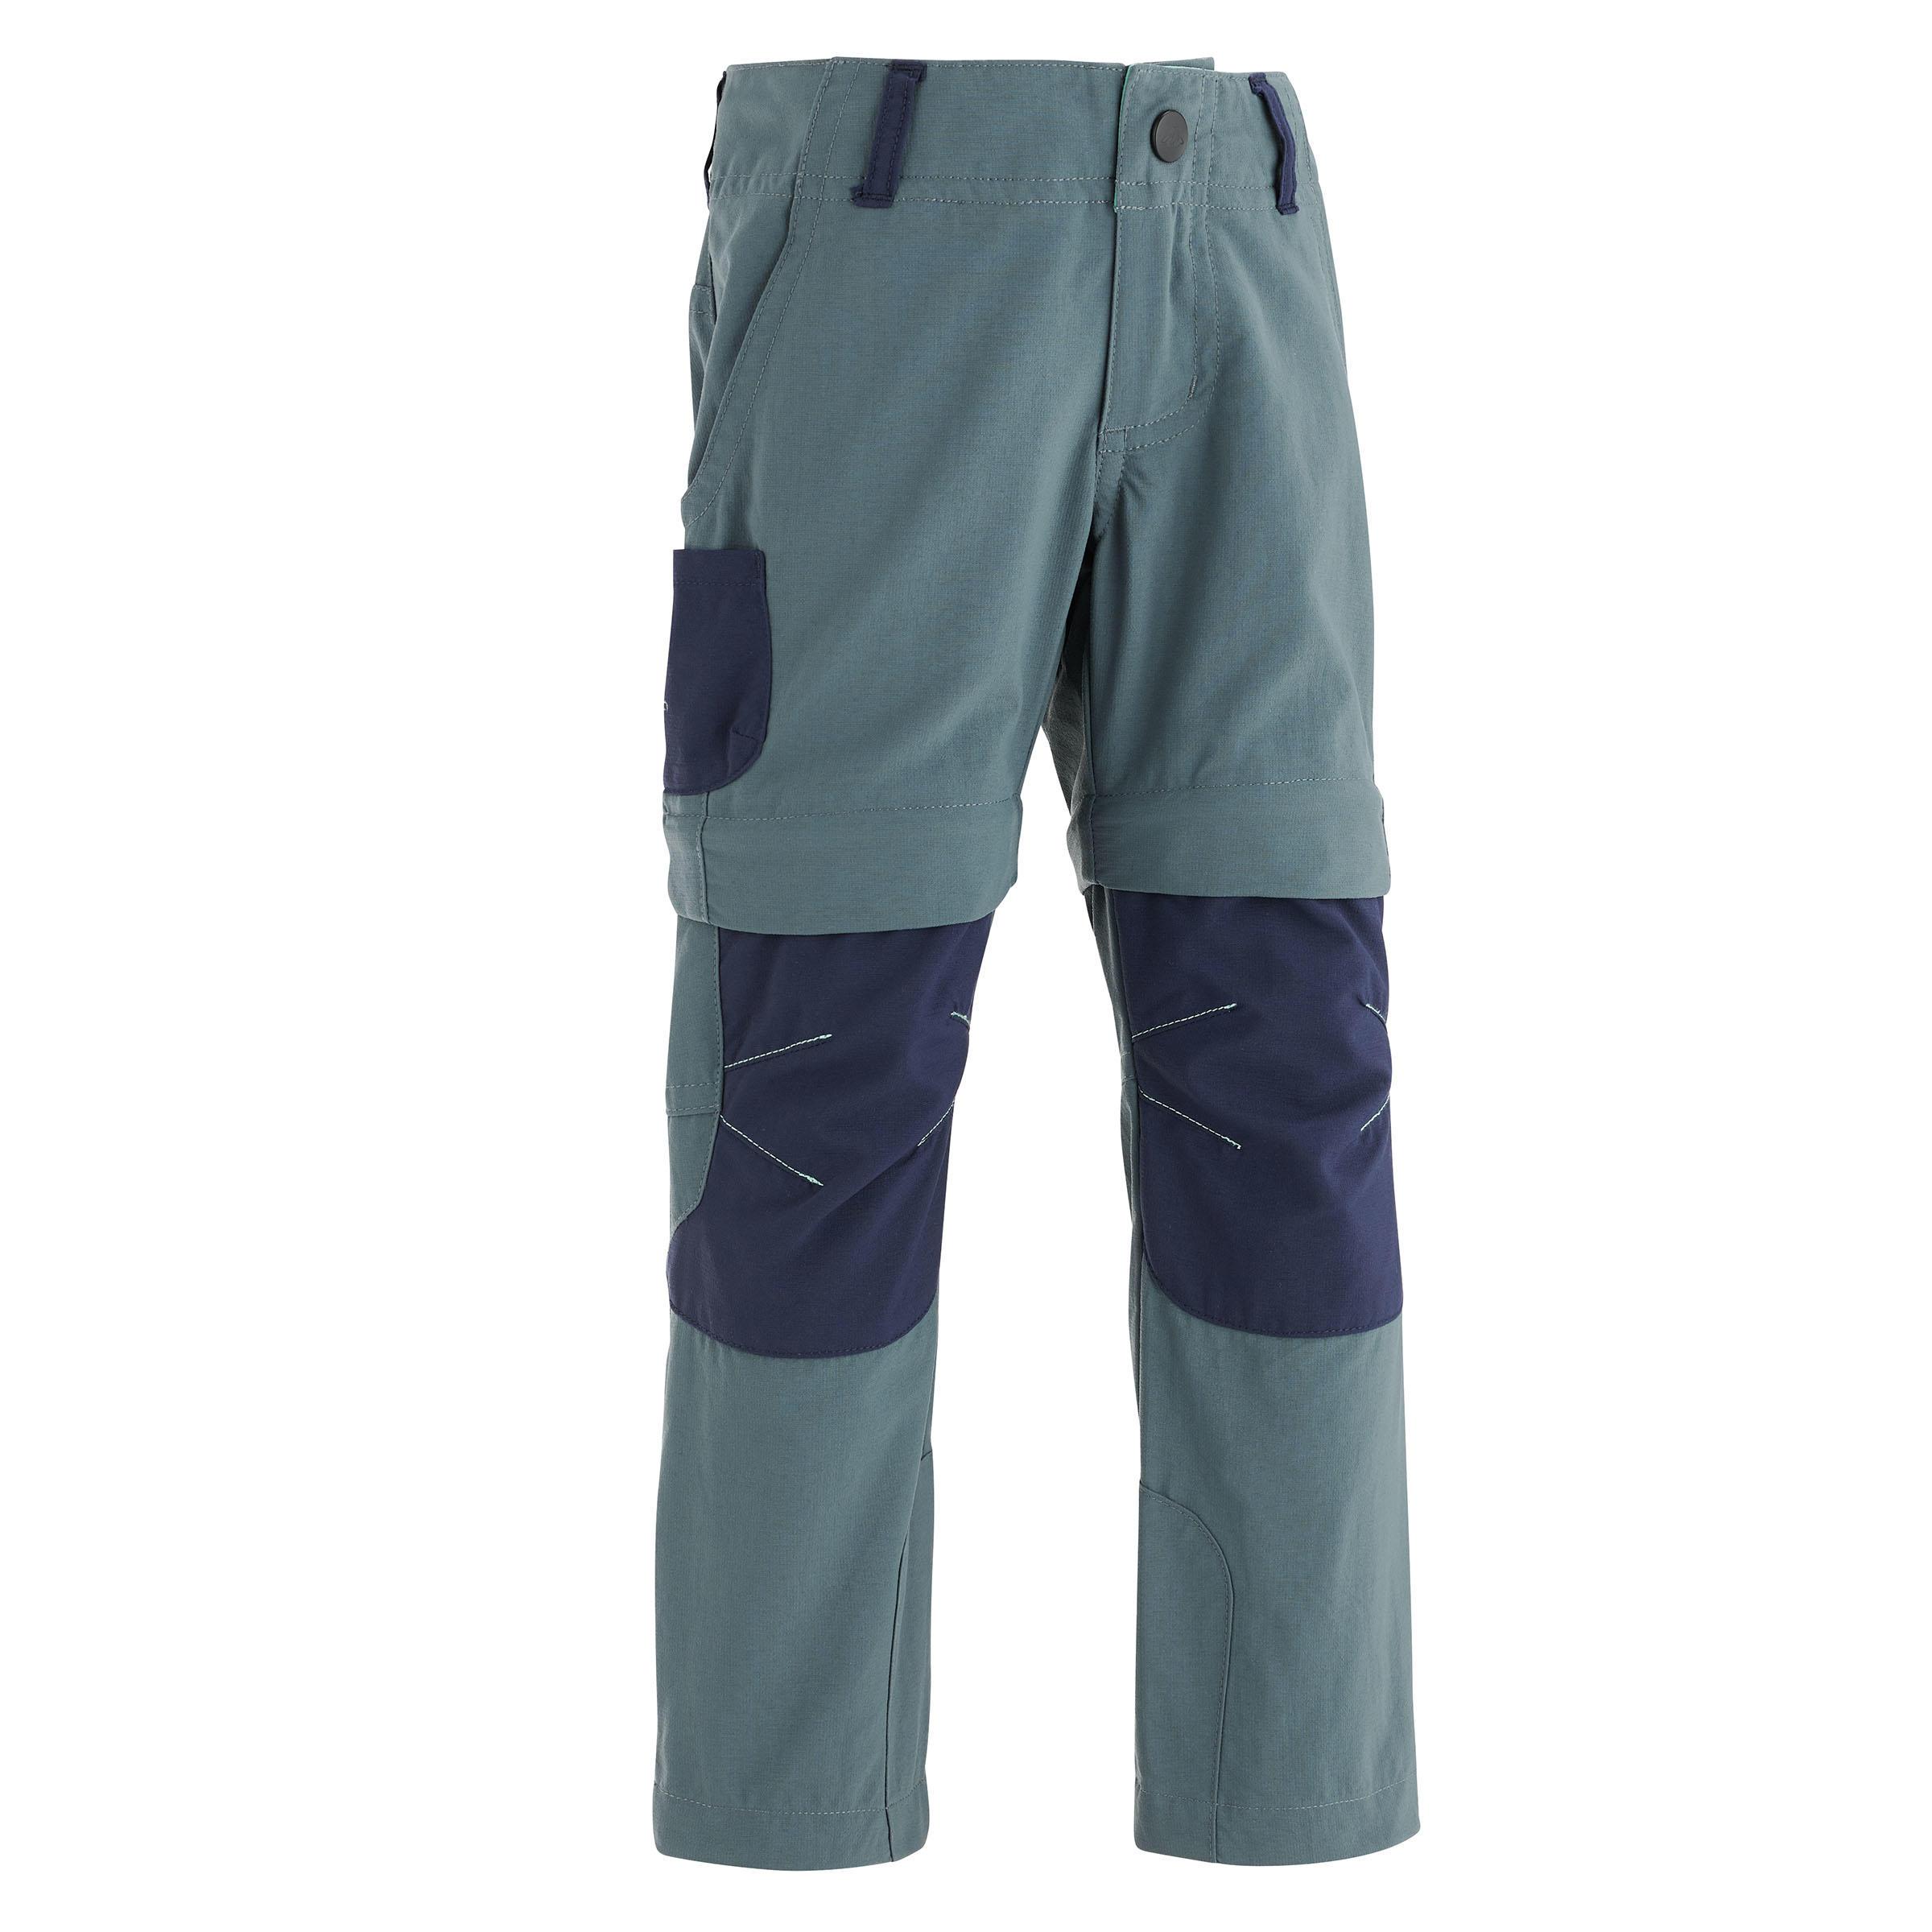 Pantalón transformable de senderismo júnior MH550 KID gris azul